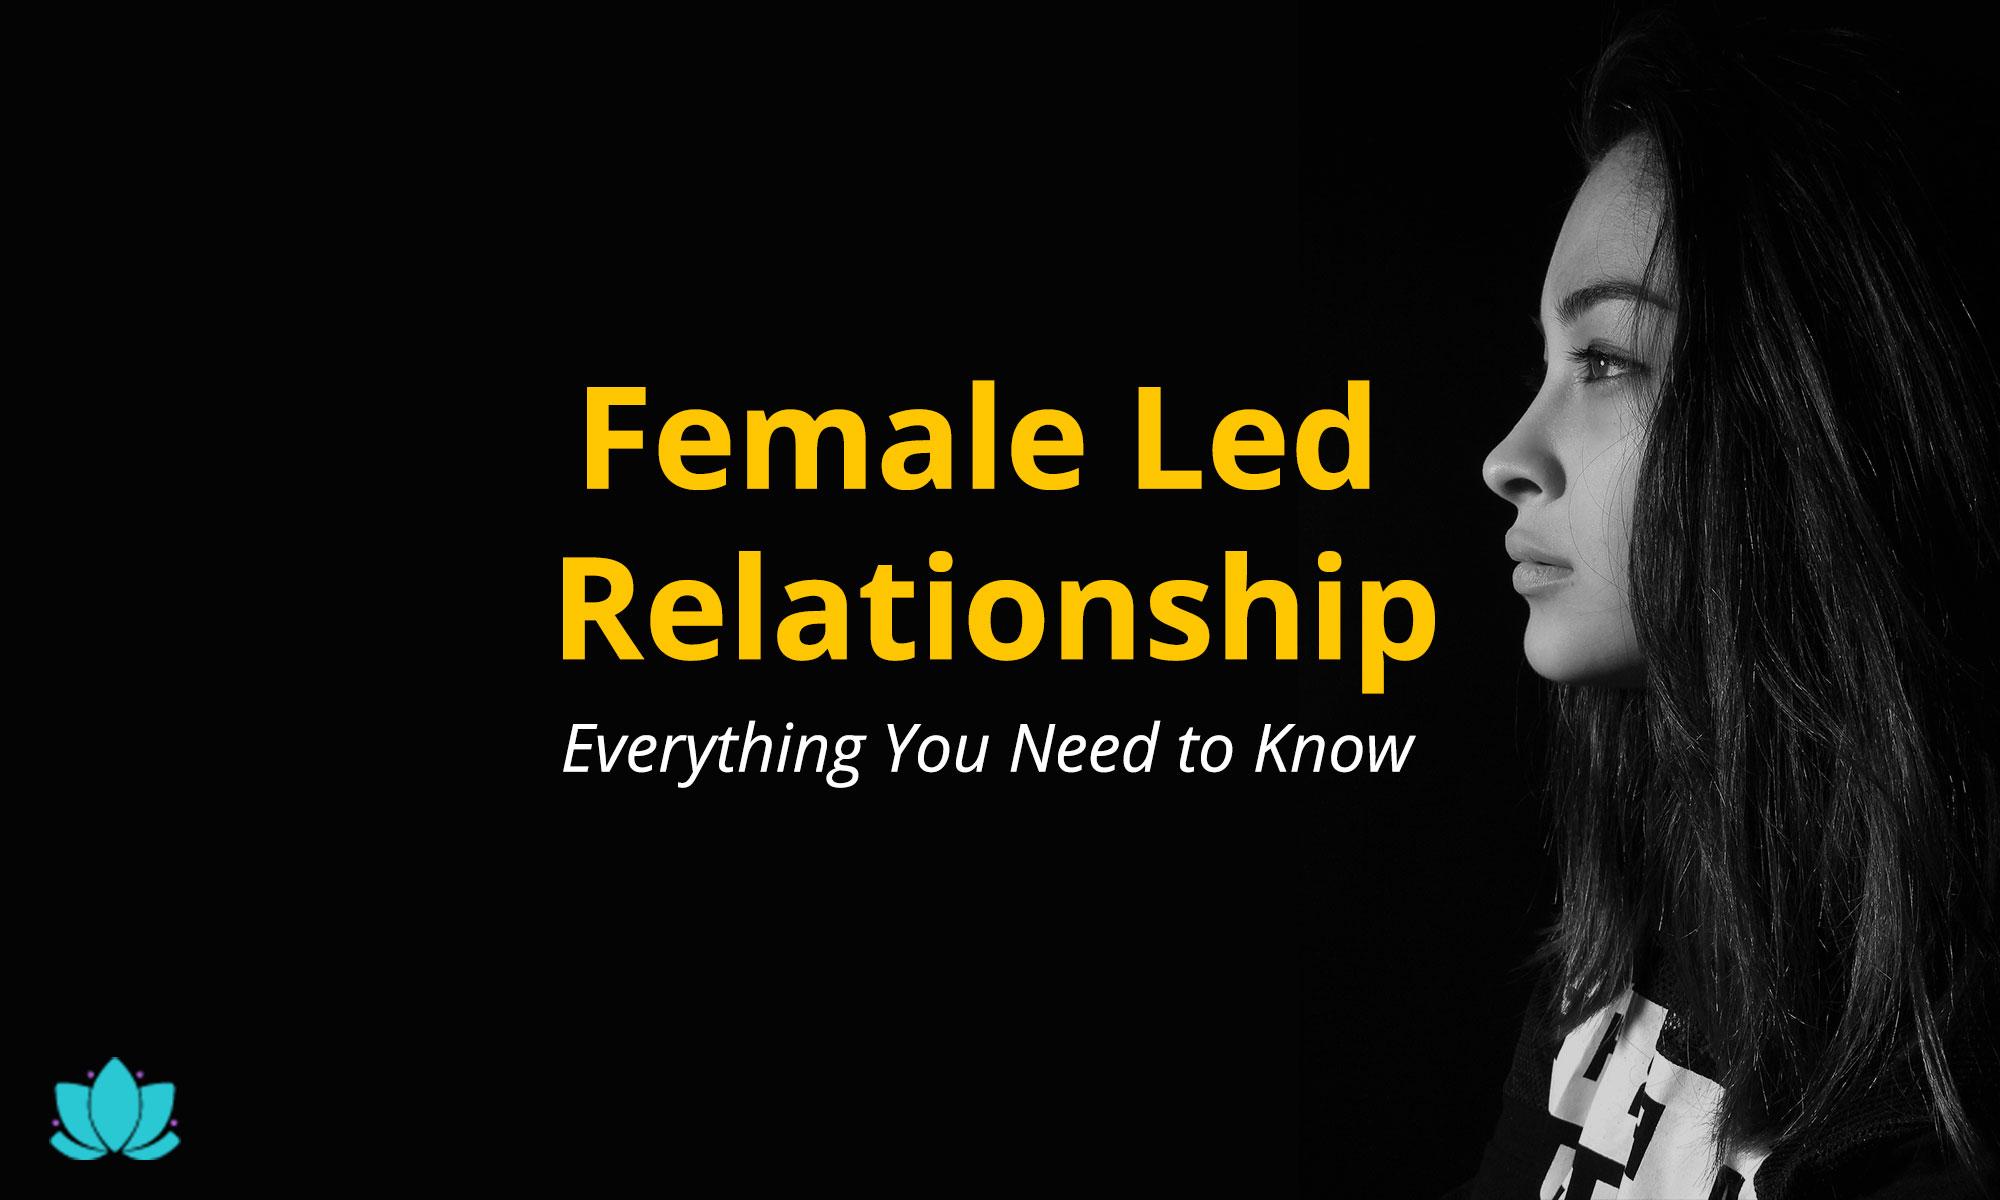 Female led relationship flr Female Led